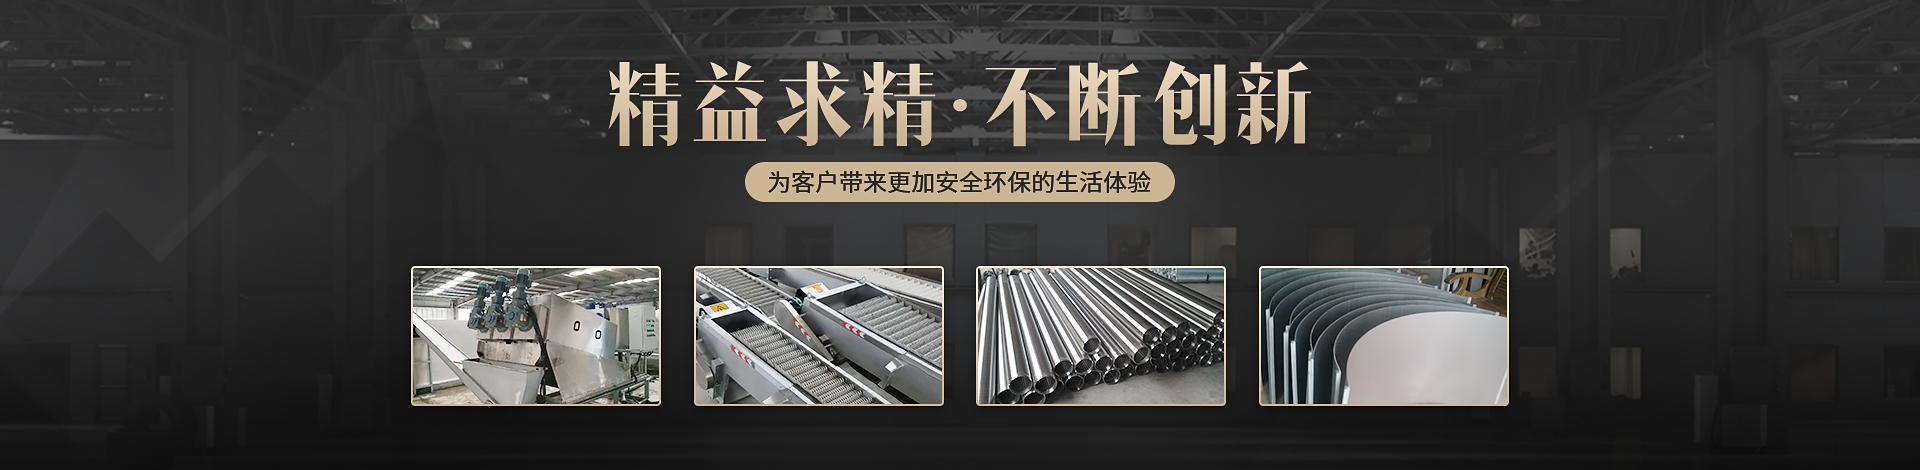 四川贝塔瑞科技有限公司